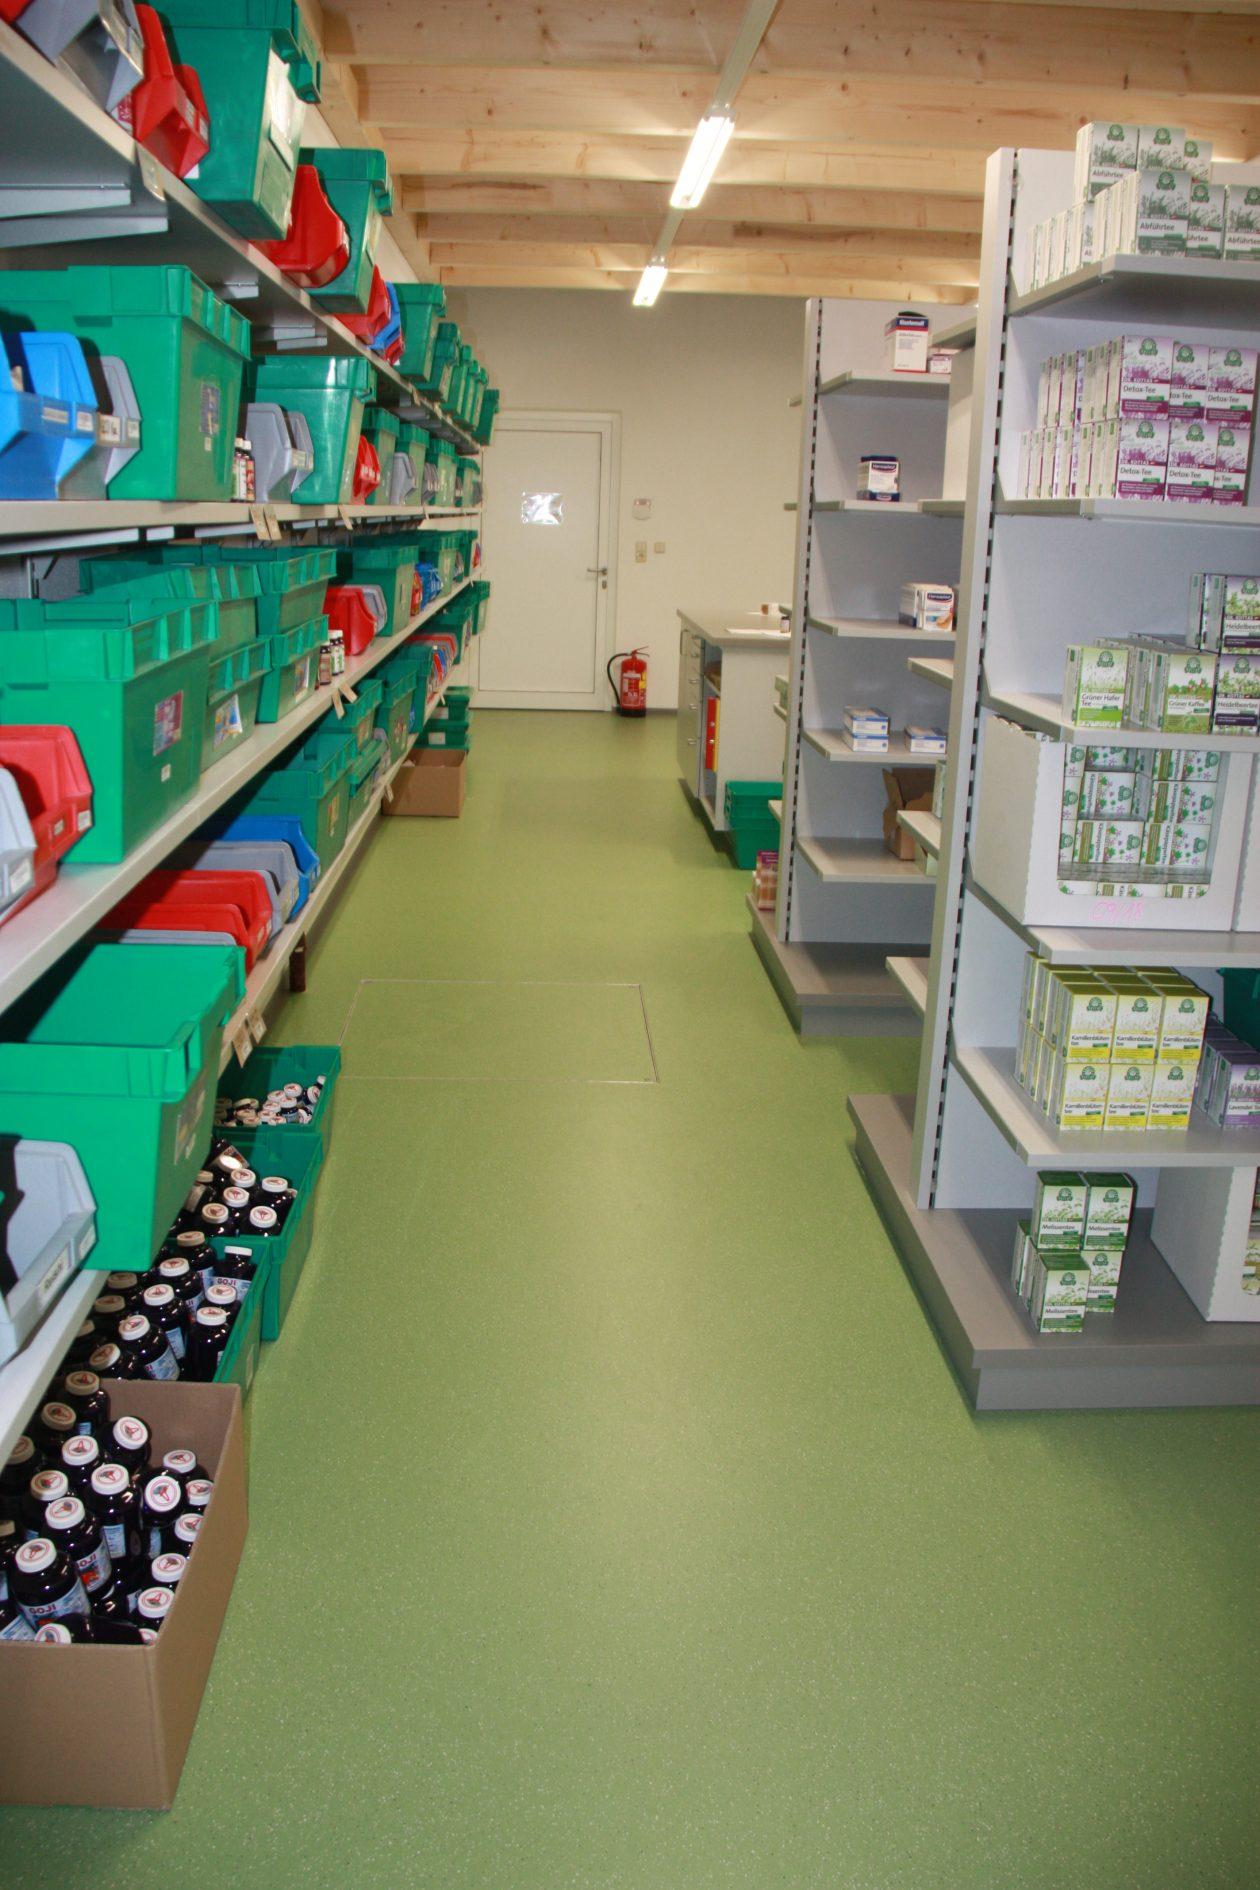 Grüne Bodenbeschichtung im Lagerbereich einer Apotheke. der Boden ist antibakteriell ausgestattet